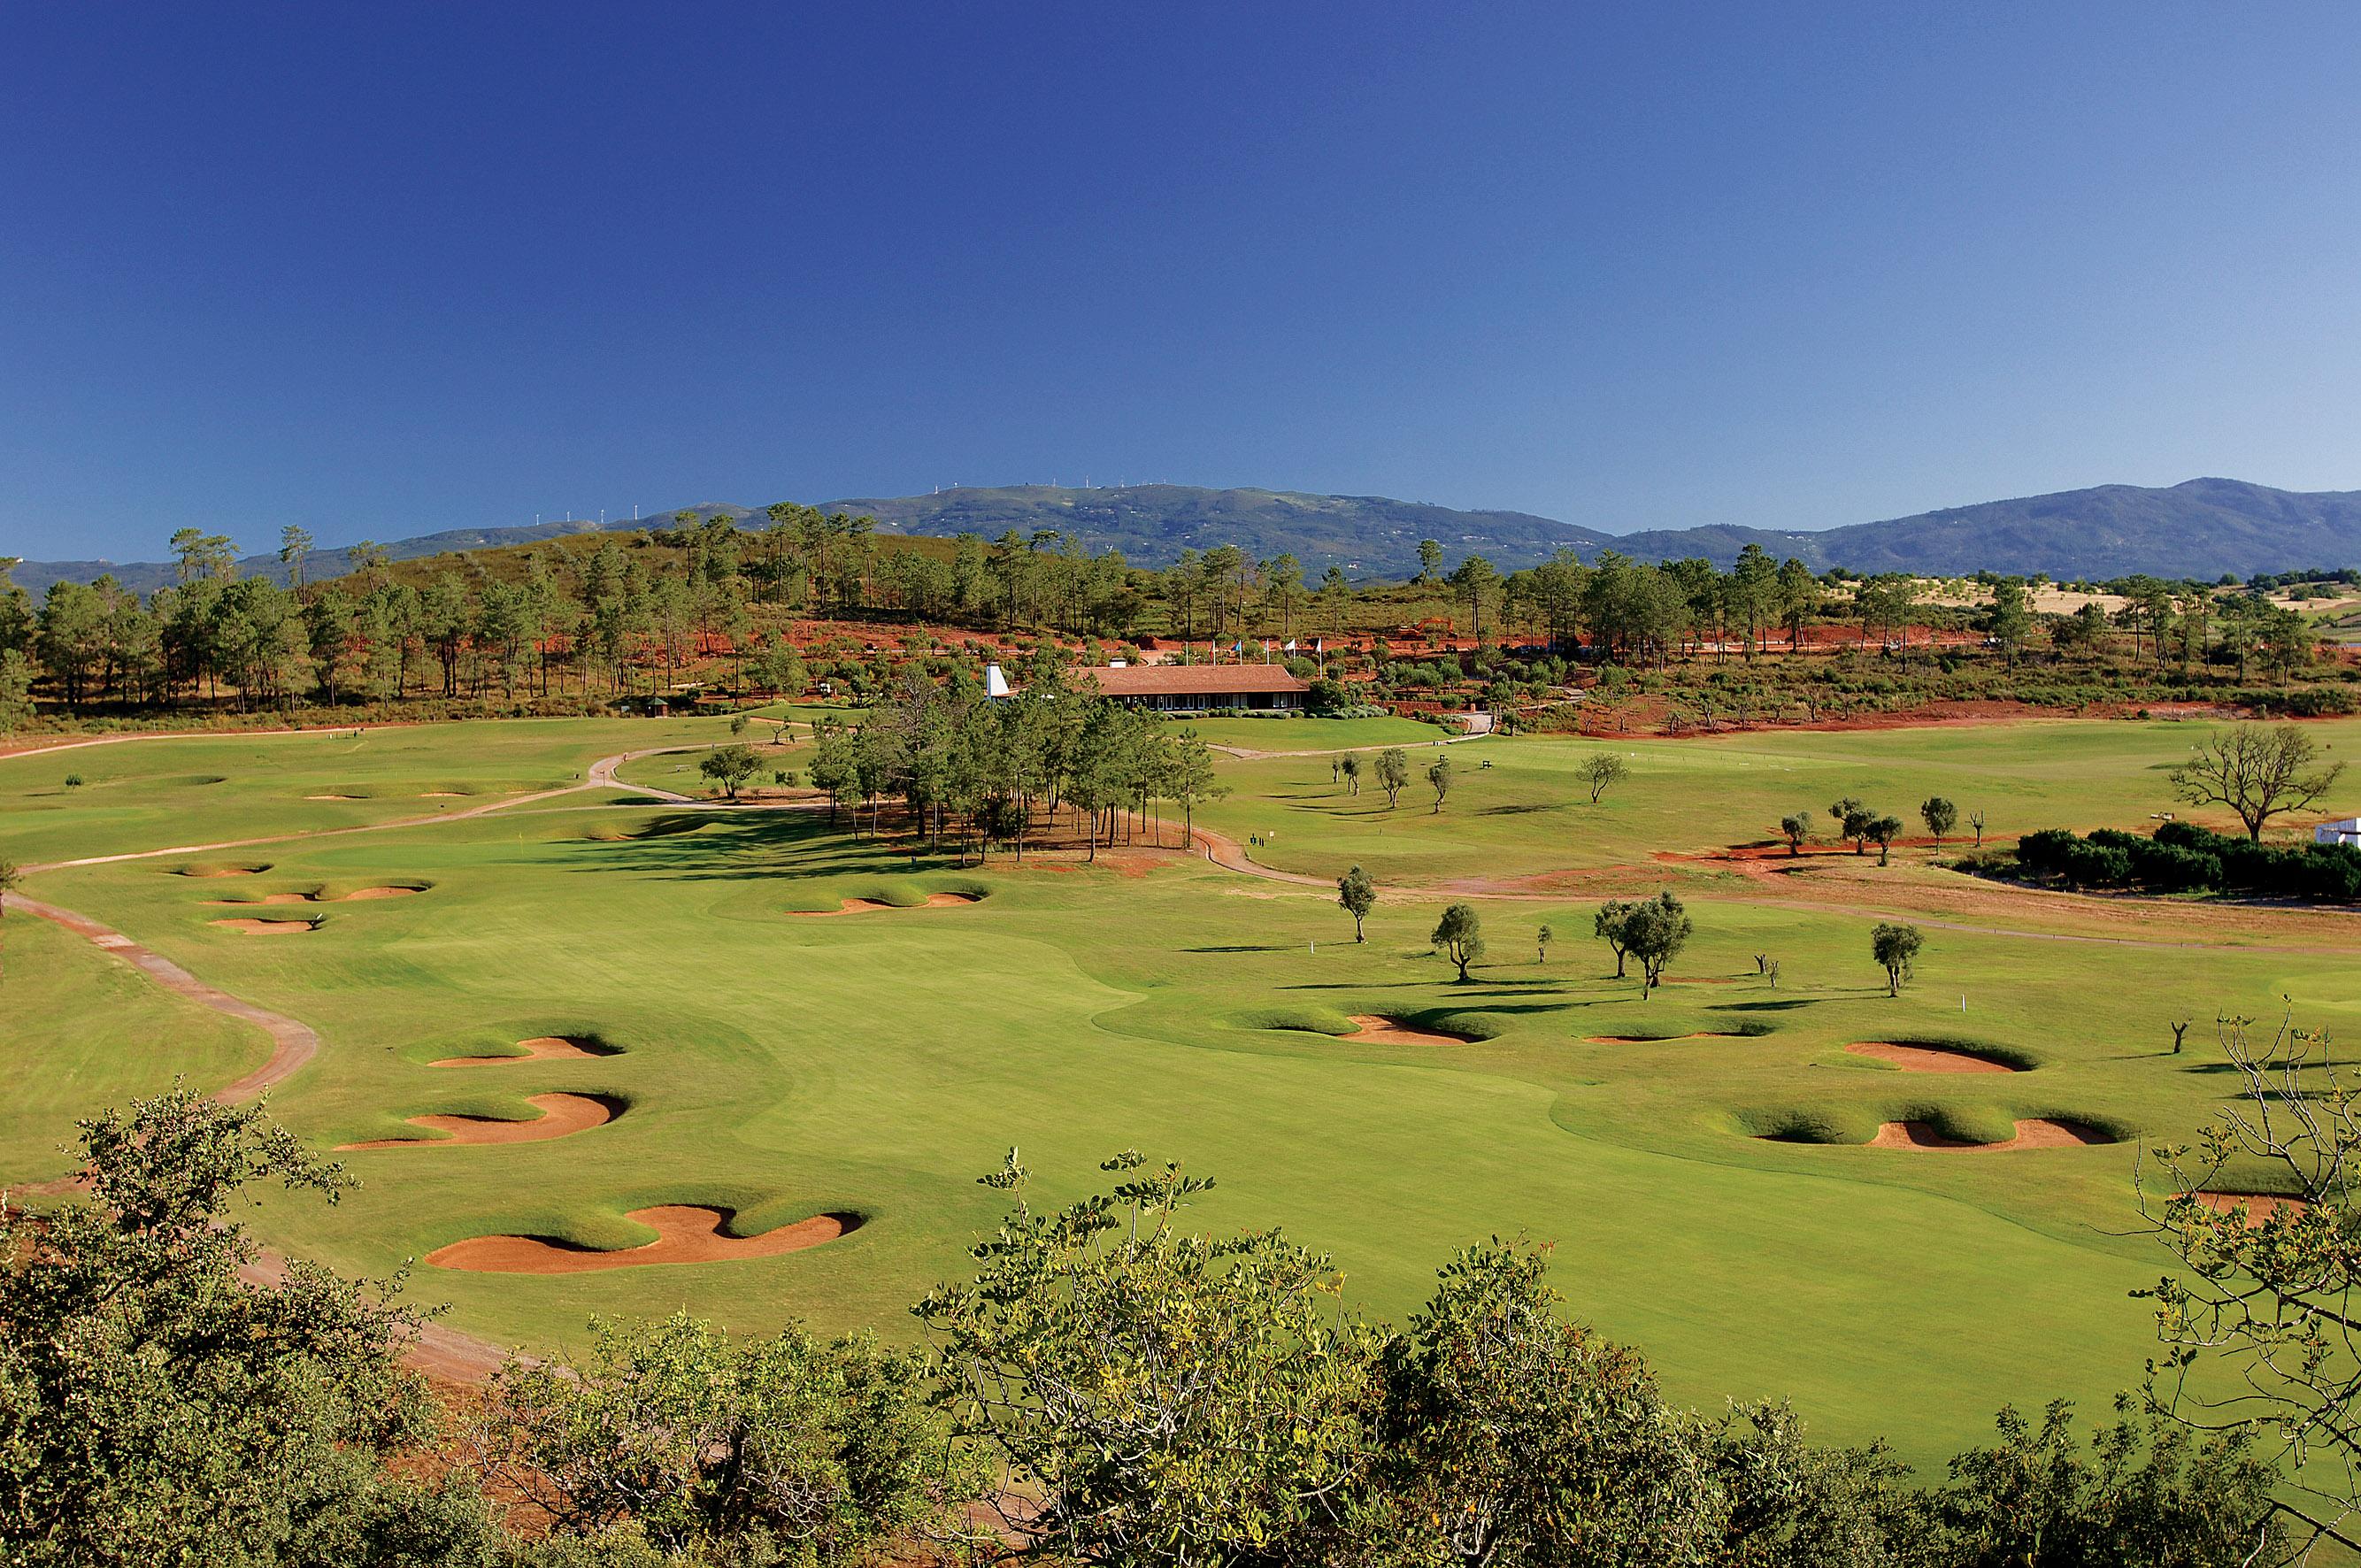 Overview of golf course named Morgado Do Reguengo Resort